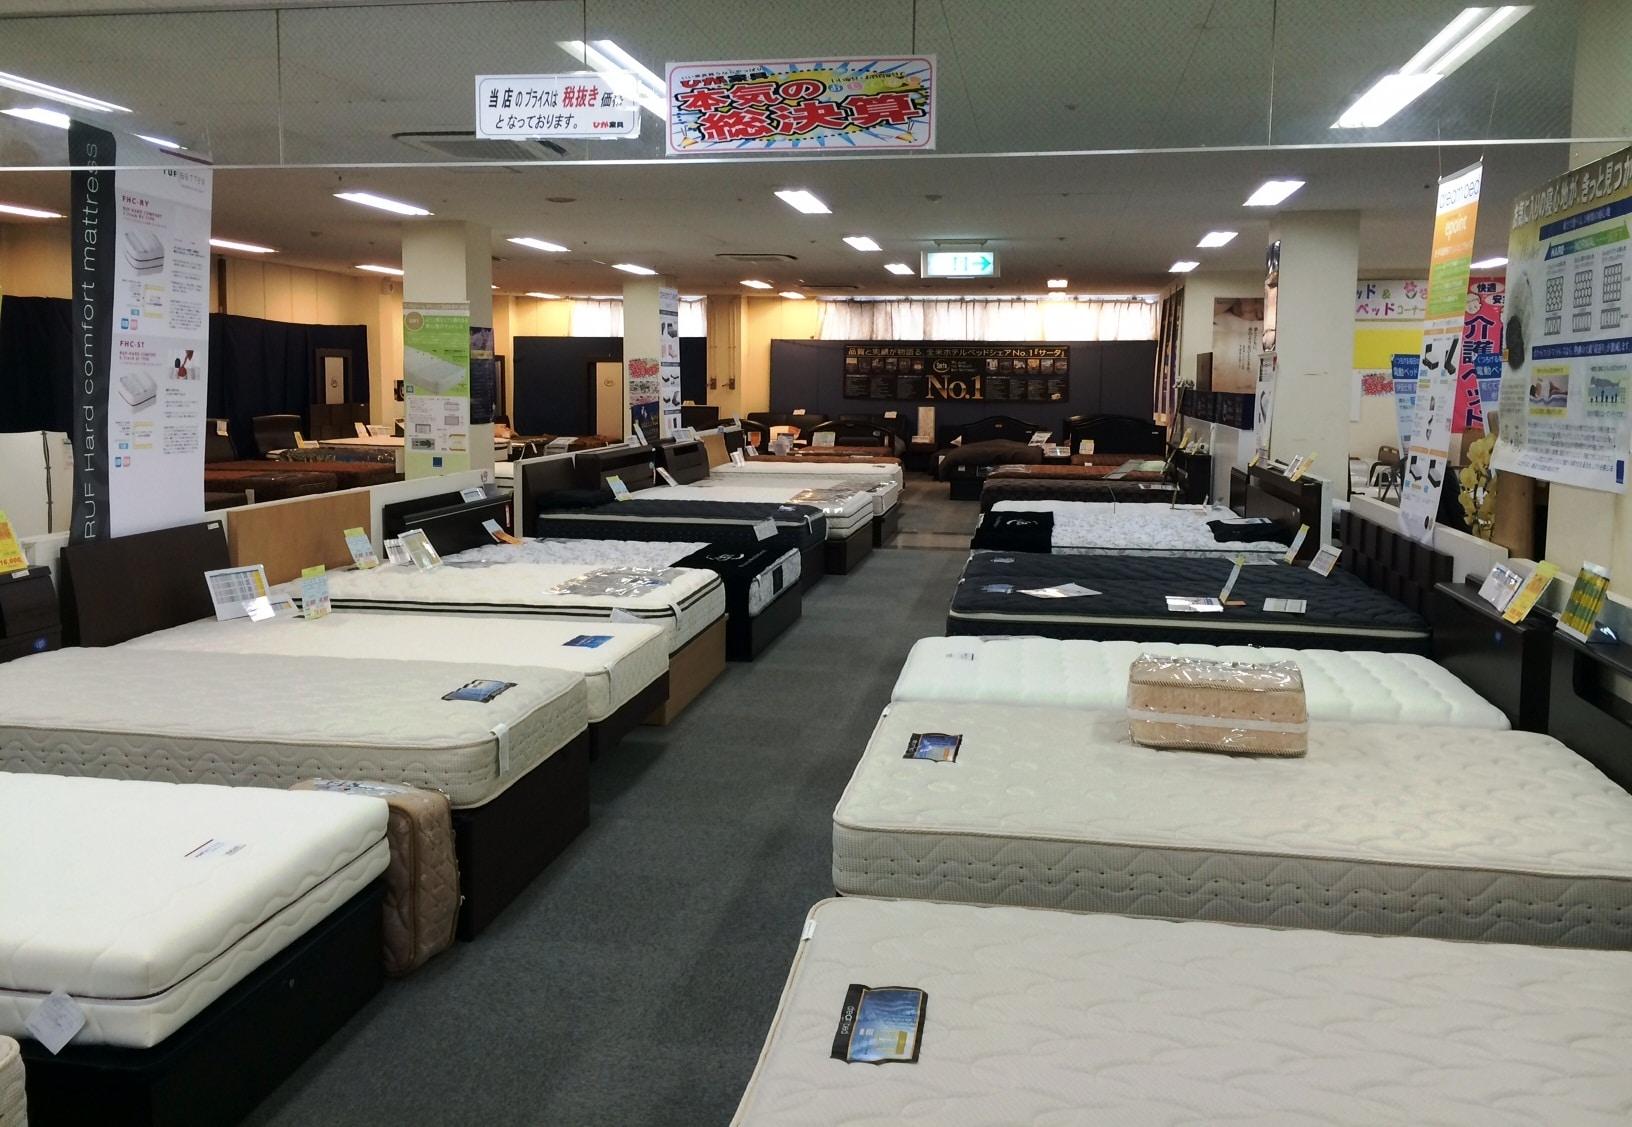 Elegant Happy Furniture Zone U2013 Warp (ひが) L Okinawa Hai!